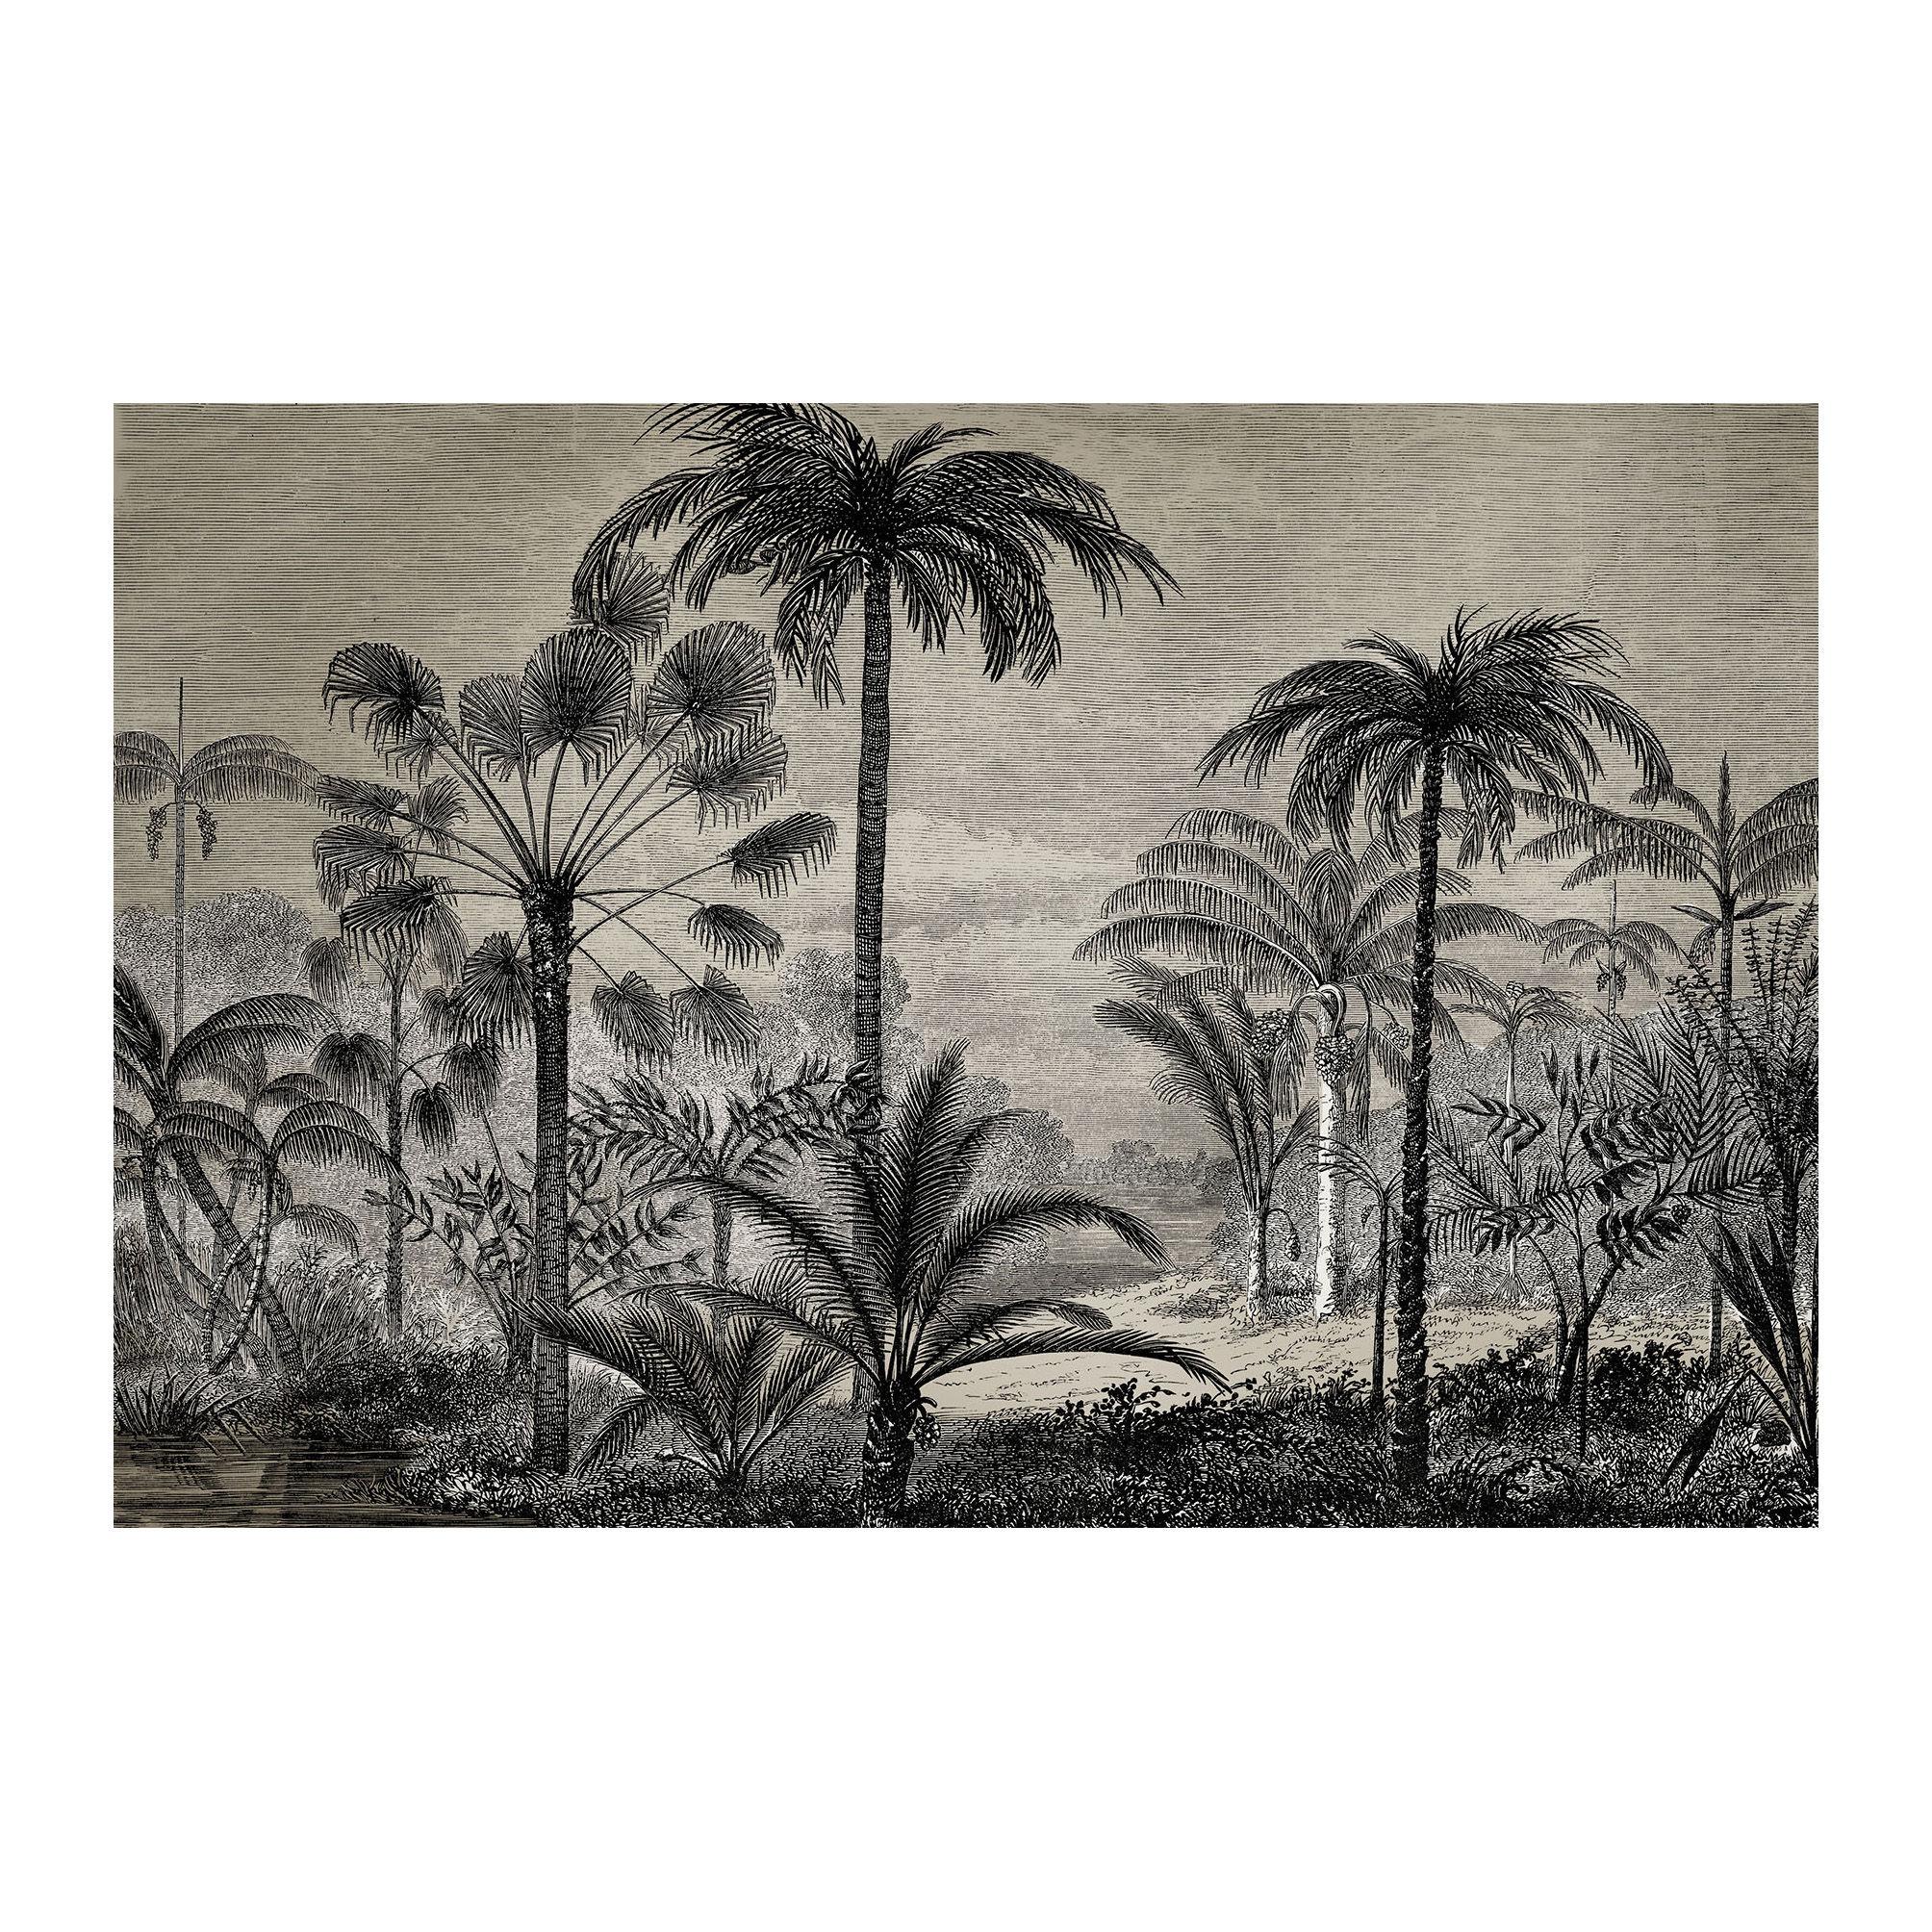 Déco - Tapis - Tapis Tresors / 198 x 139 cm - Vinyle - Beaumont - Palmiers n°1 / Noir & blanc - Vinyle